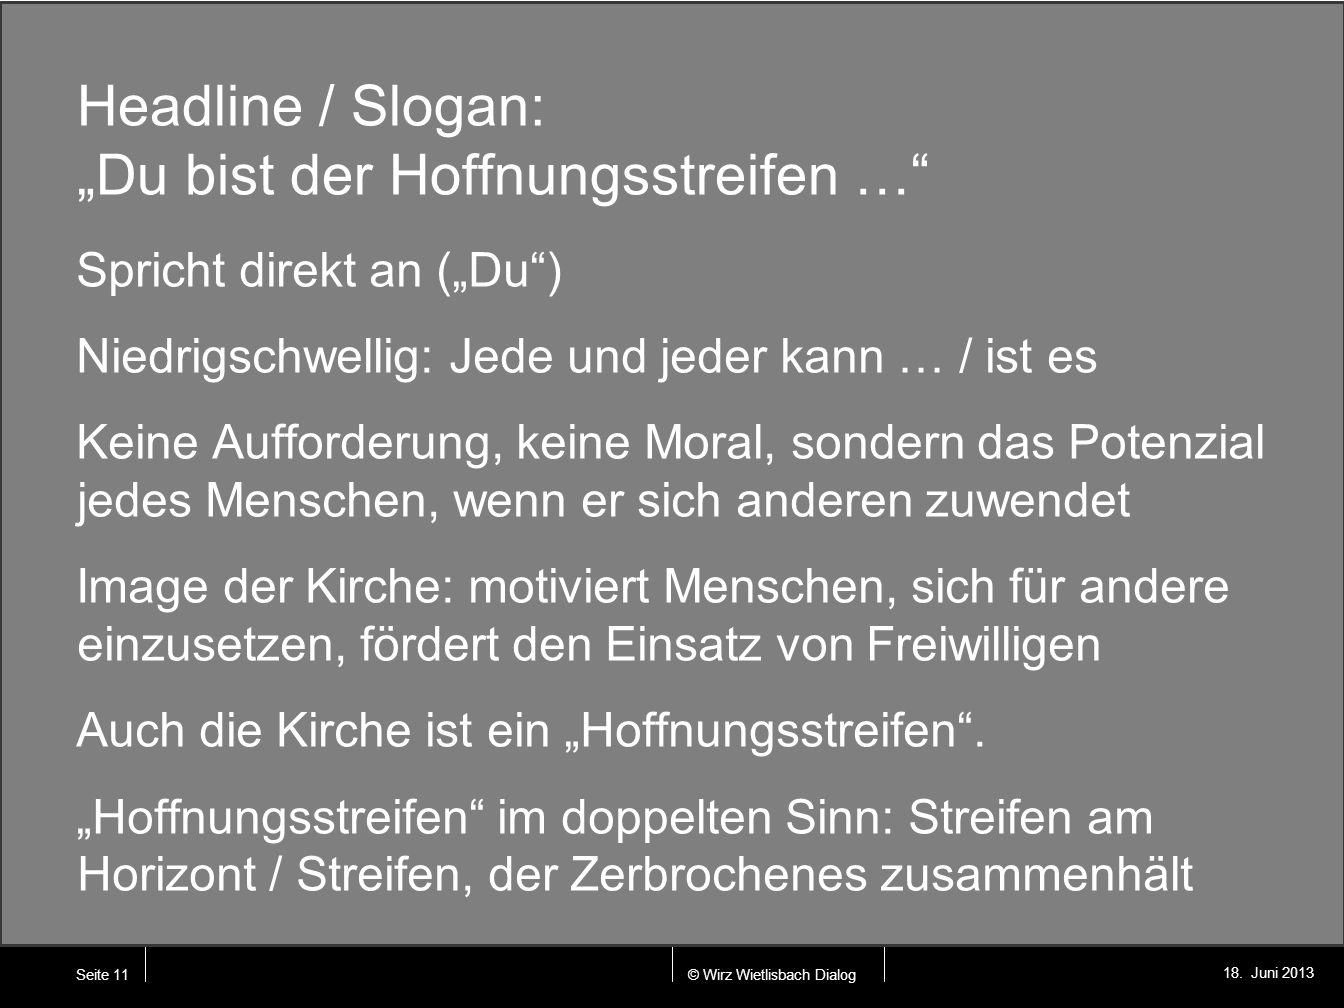 © Wirz Wietlisbach Dialog 18. Juni 2013 Headline / Slogan: Du bist der Hoffnungsstreifen … Spricht direkt an (Du) Niedrigschwellig: Jede und jeder kan